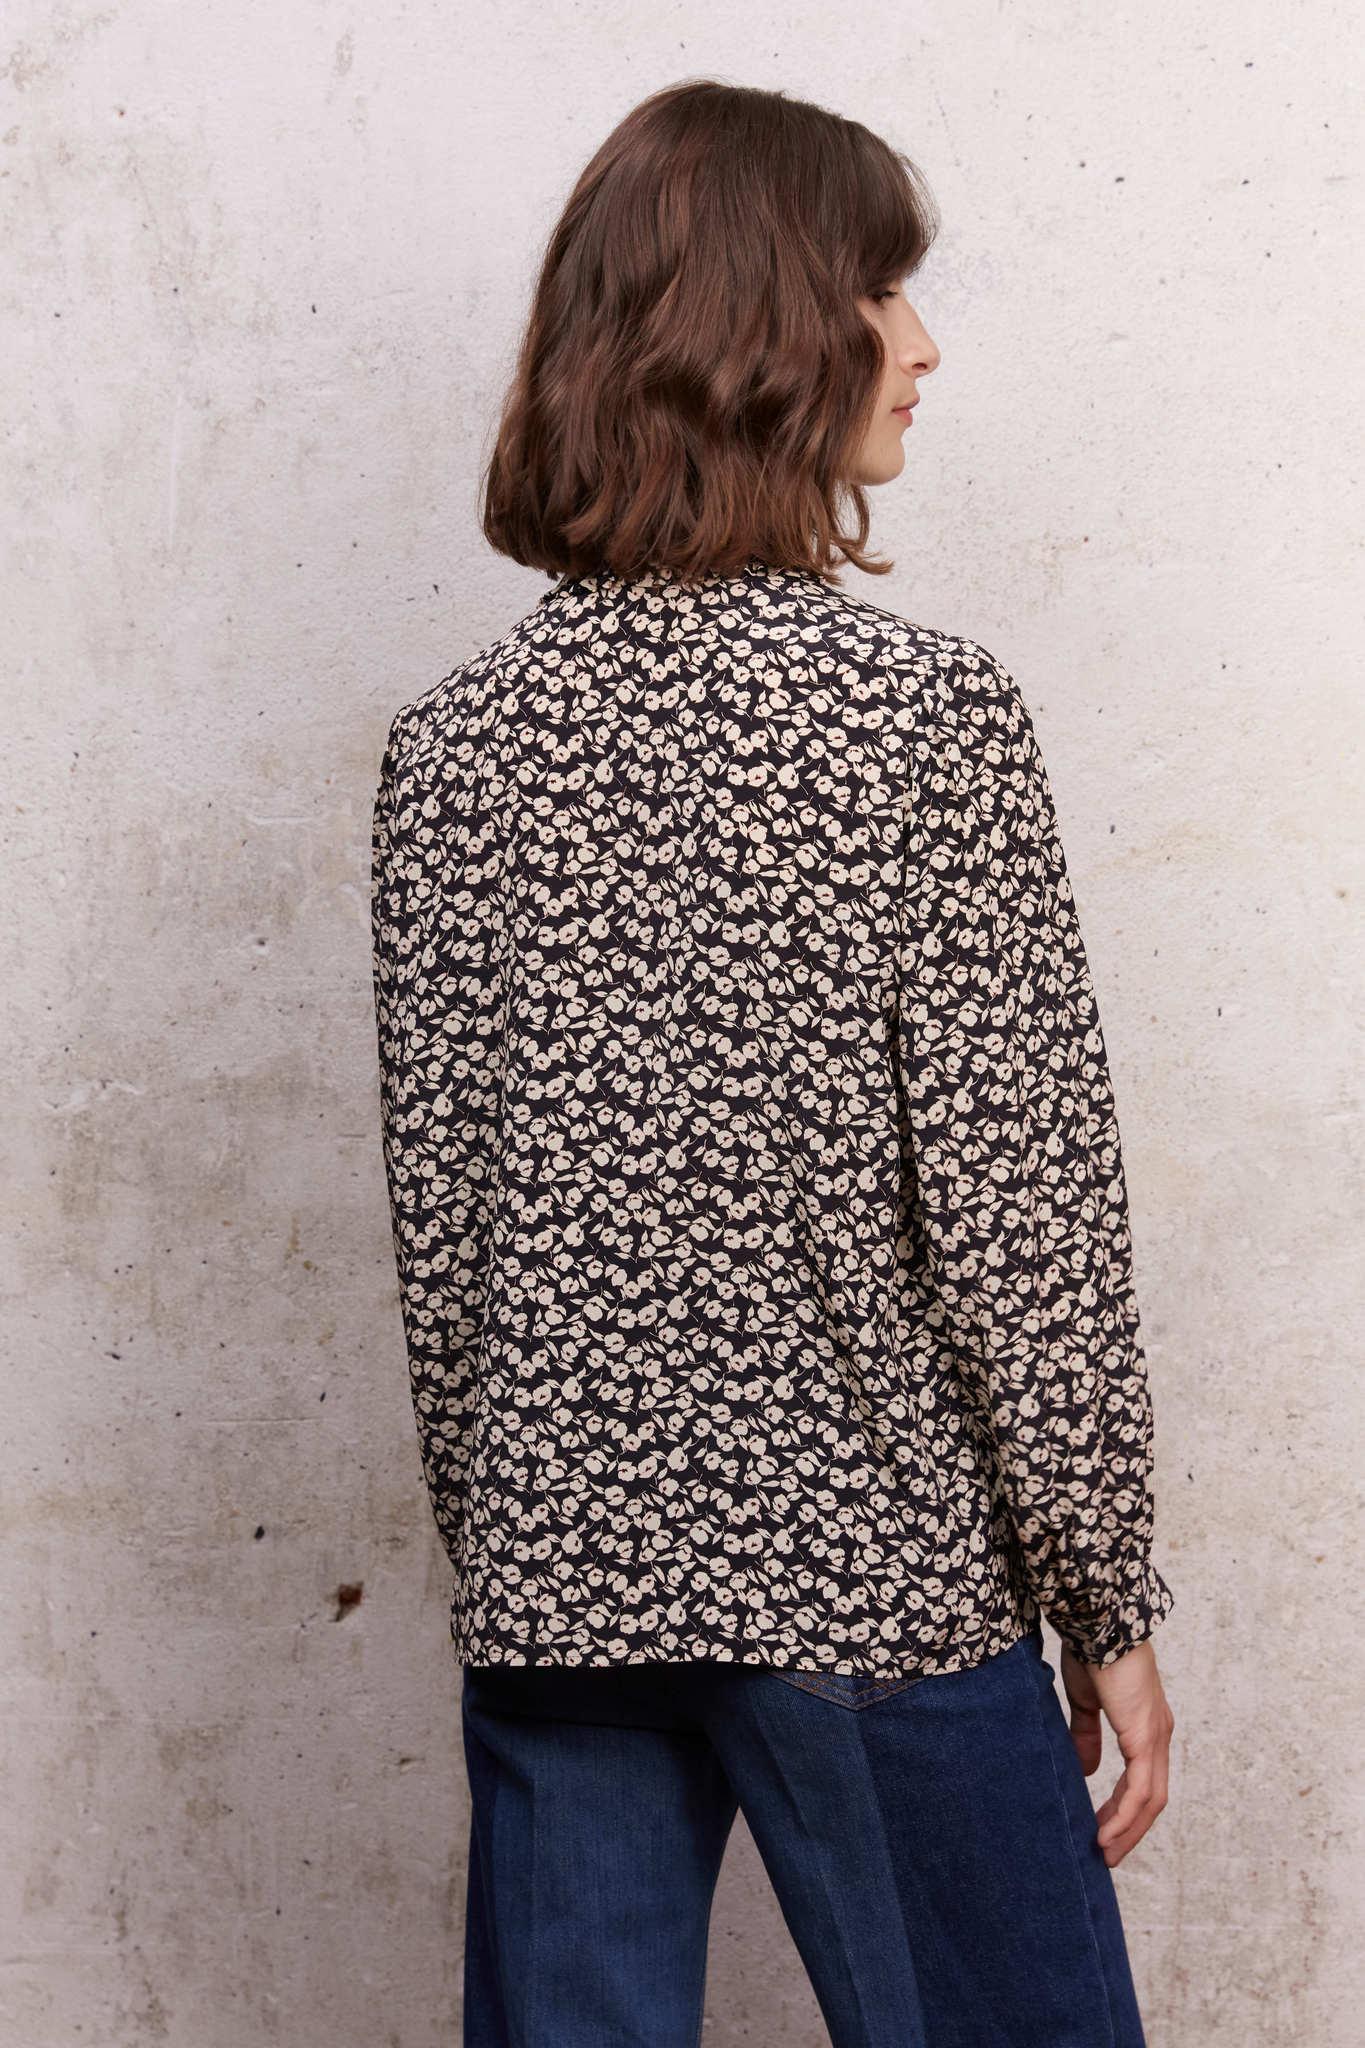 CHEYENNE - Шелковая блуза с цветочным принтом